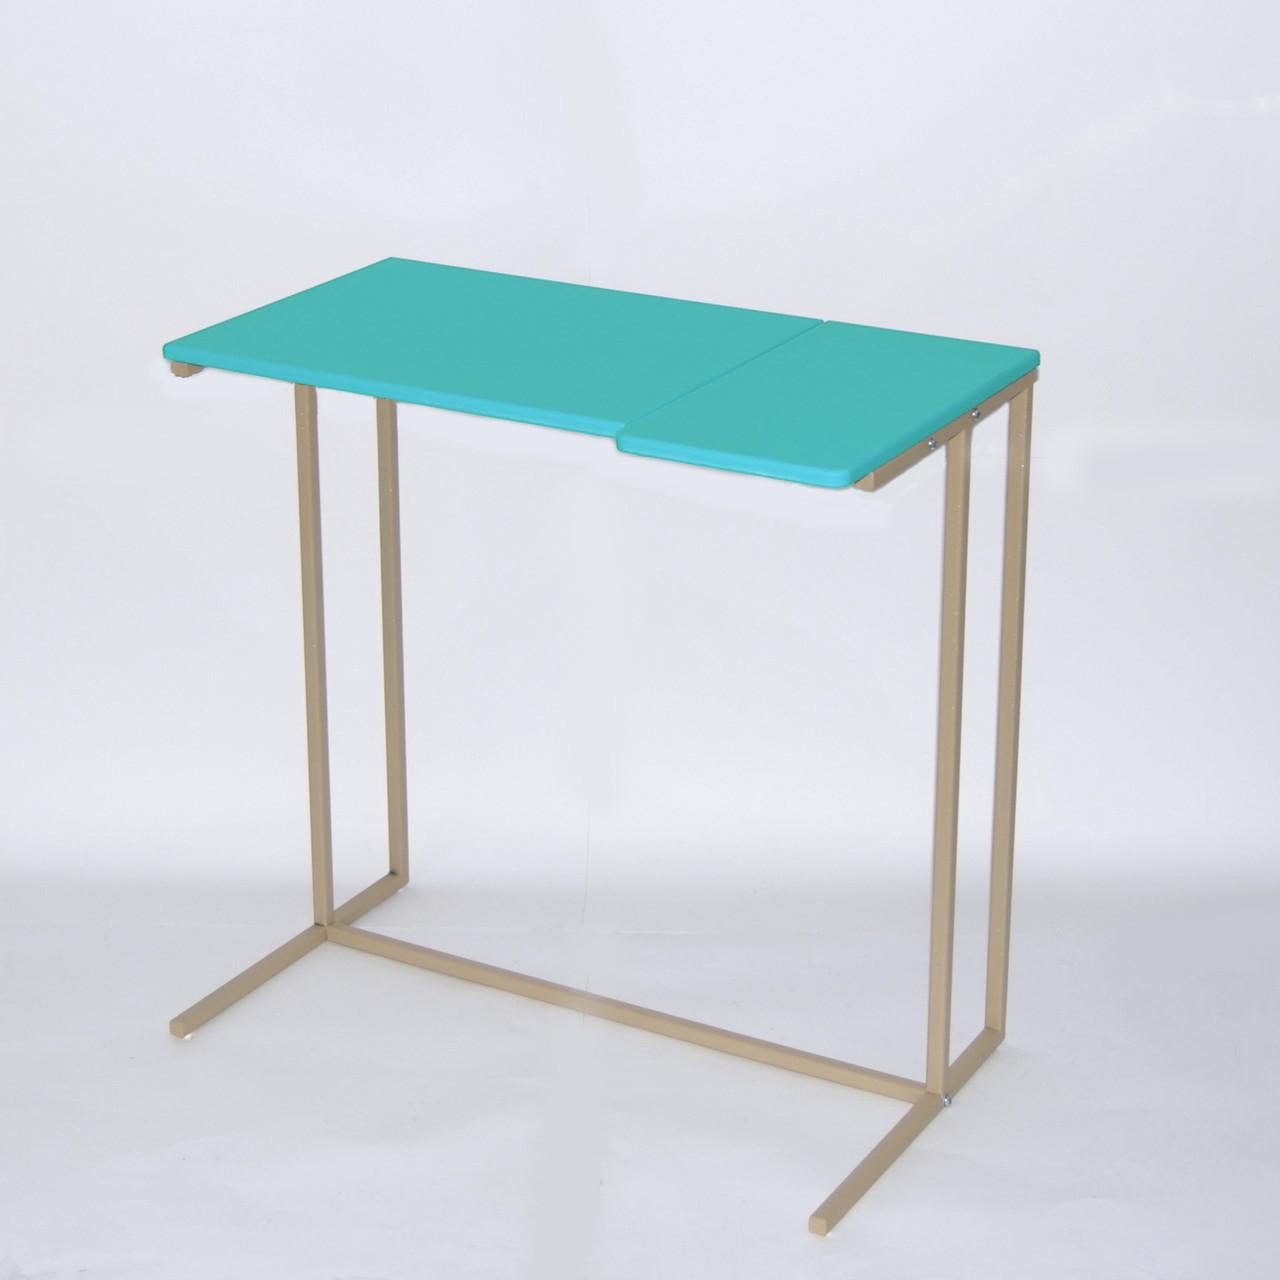 Приставной стол серии Comfort A600 ментол-бежевый